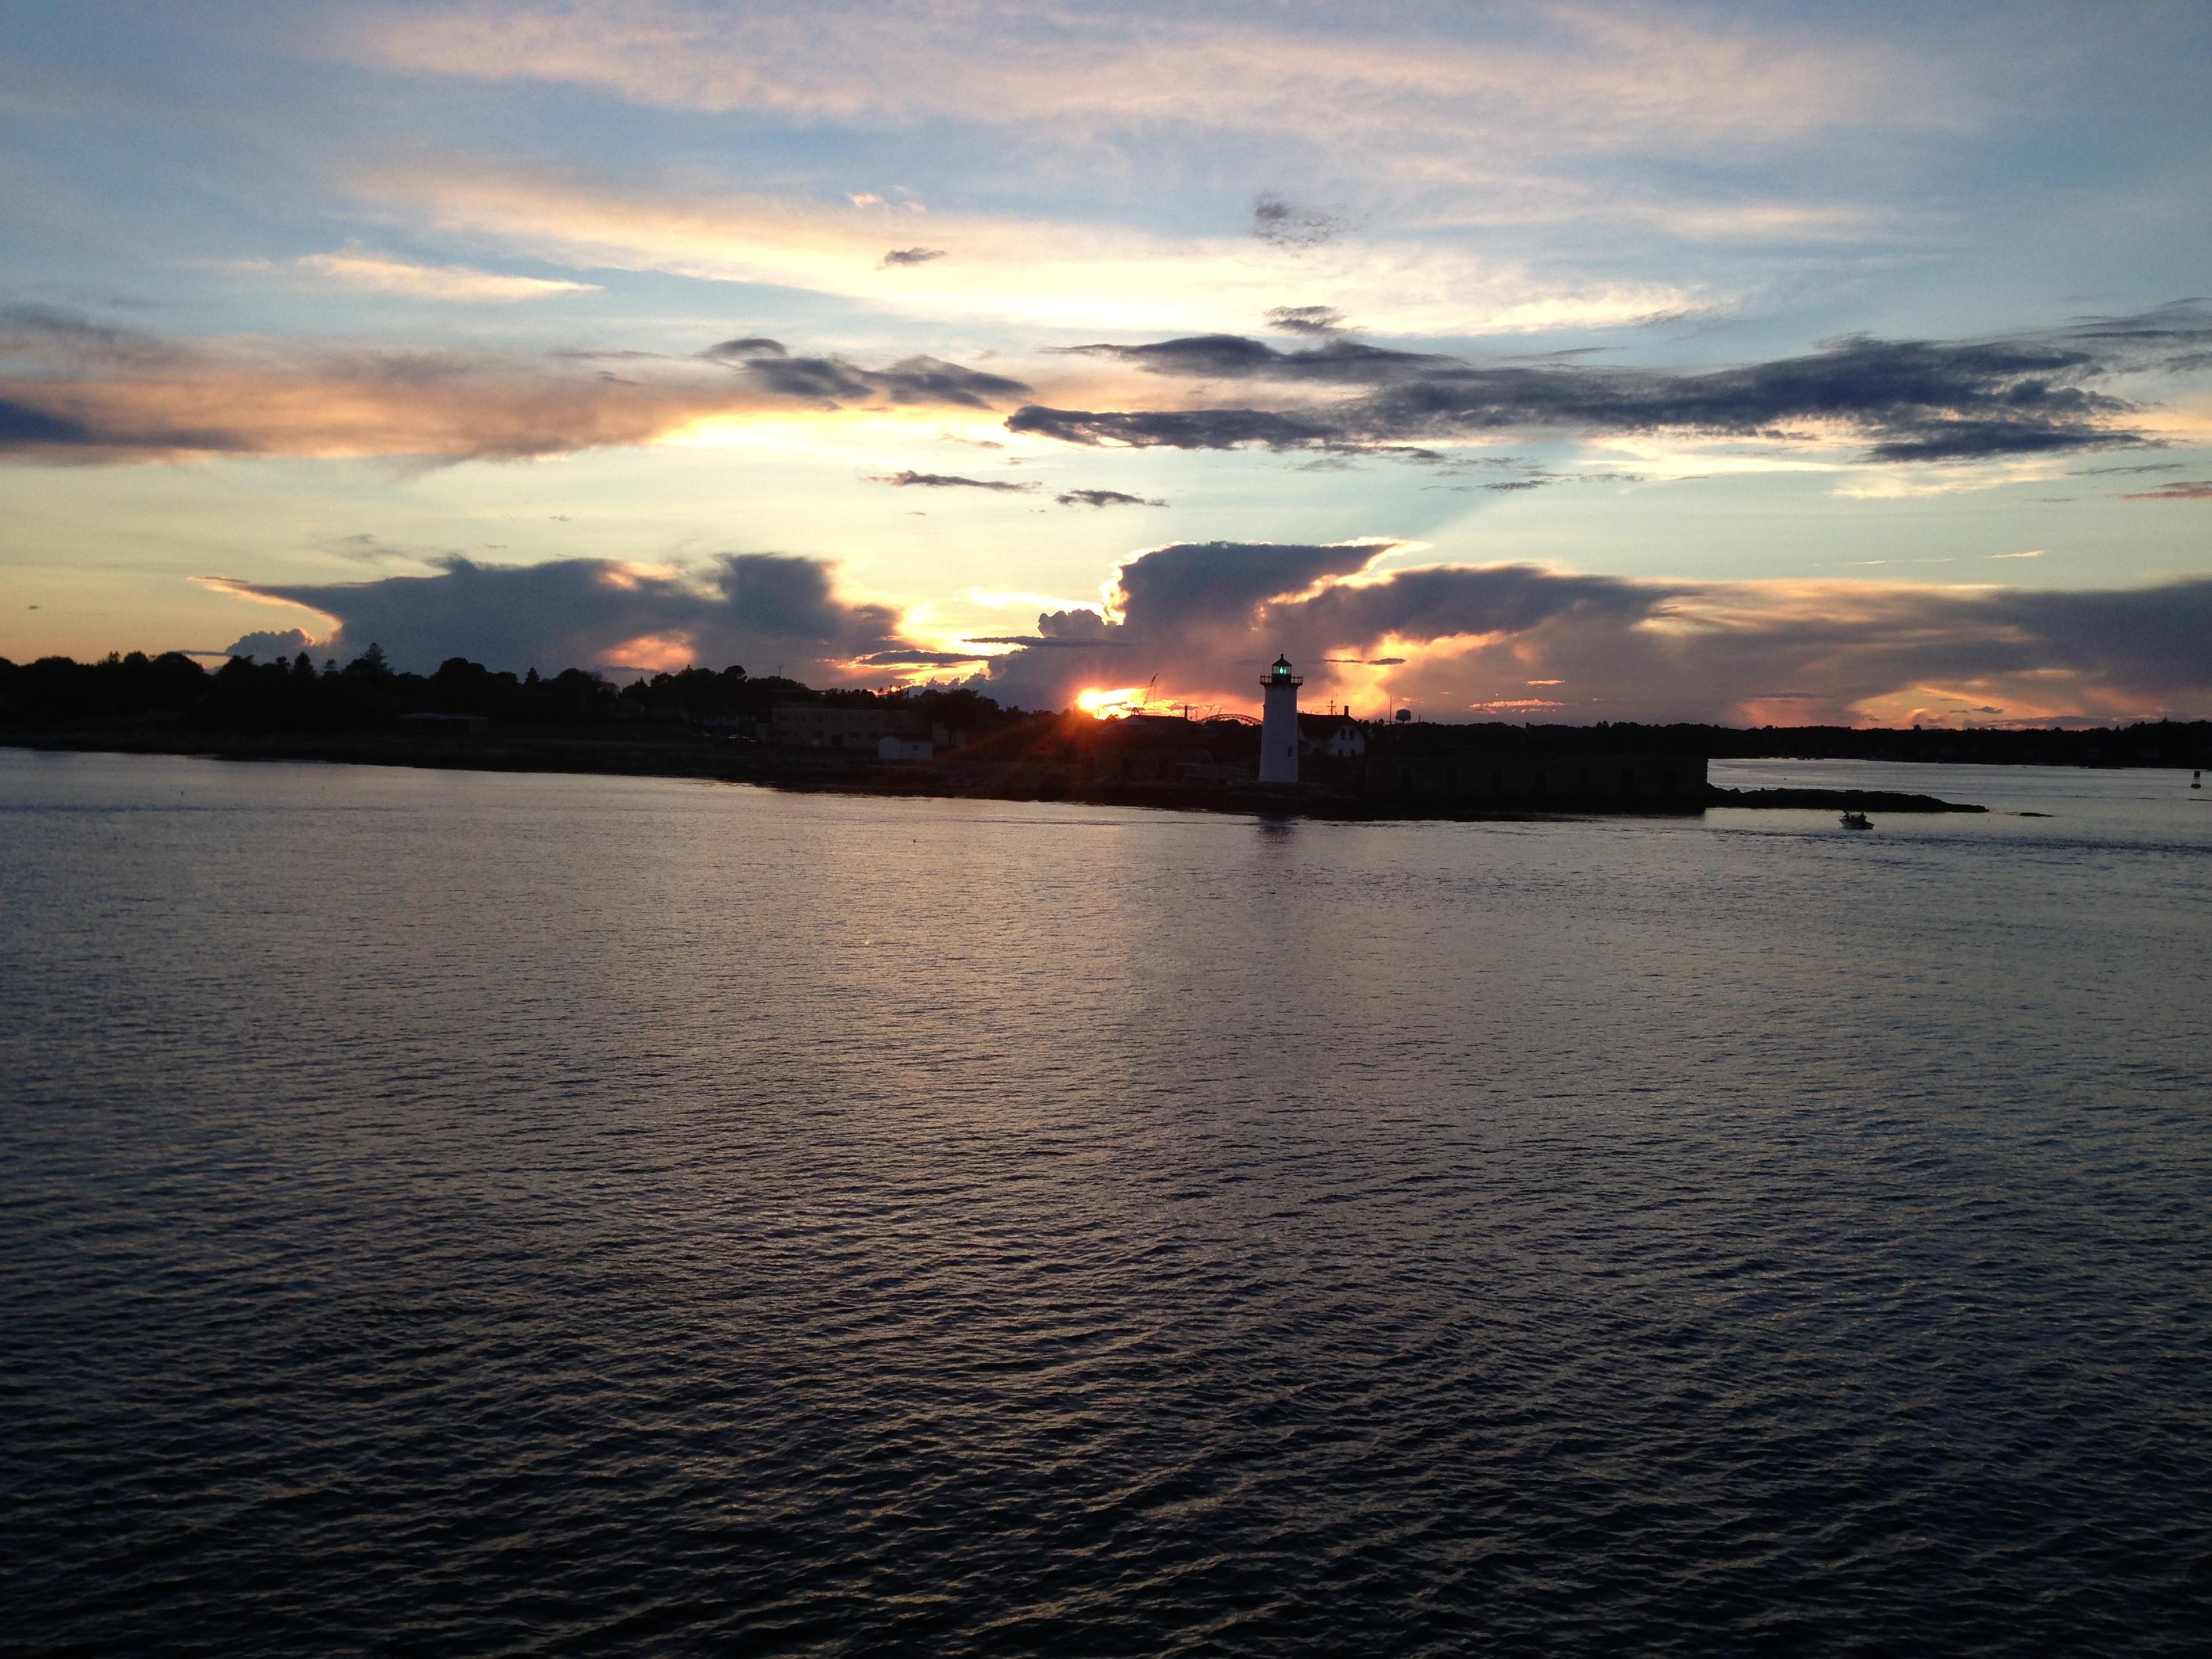 Sunset Acoustic Harbor Cruise Image